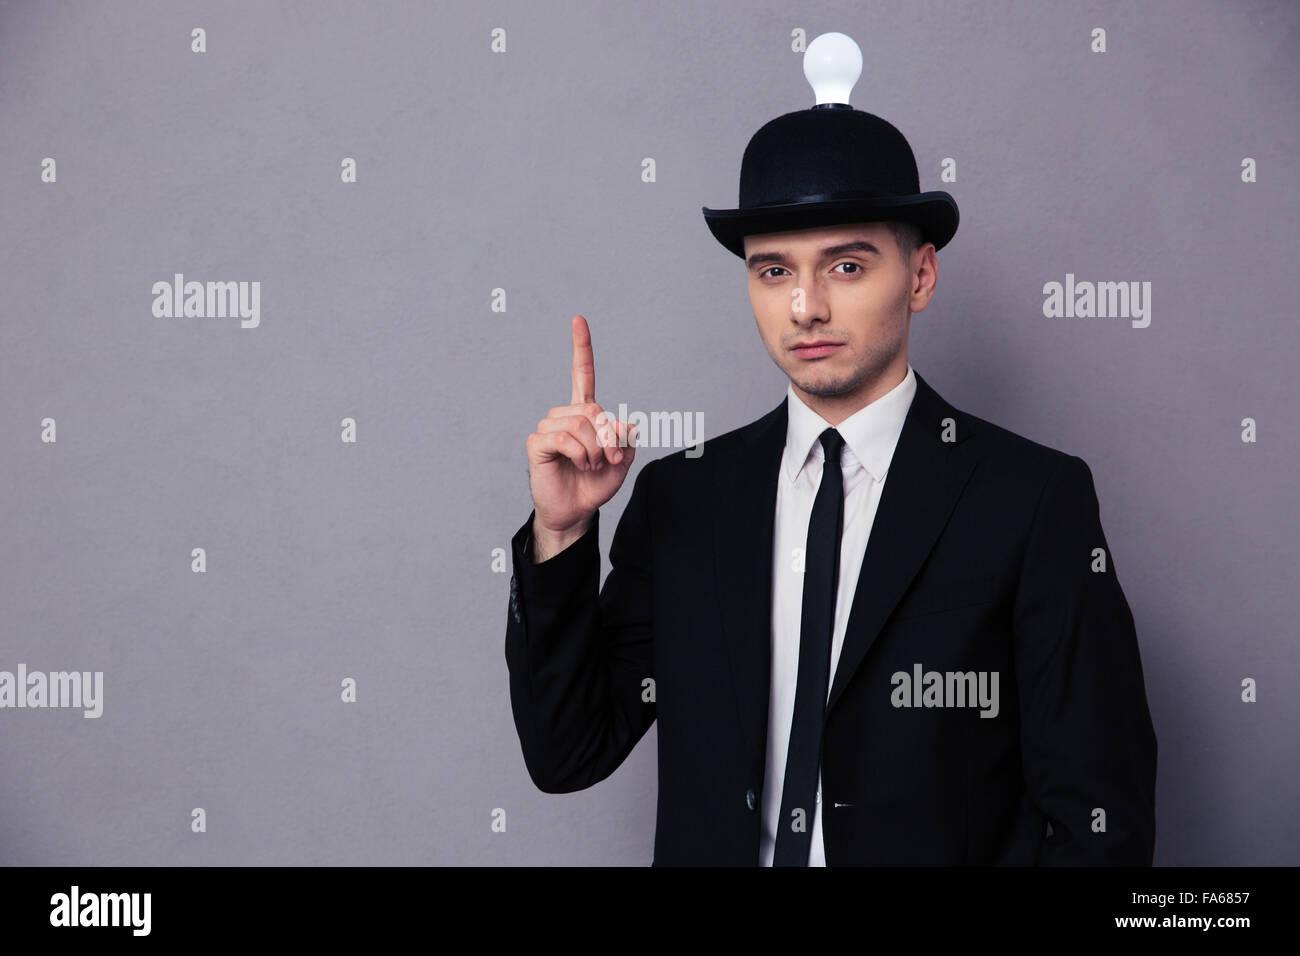 Ritratto di un giovane imprenditore avendo idea su sfondo grigio Immagini Stock